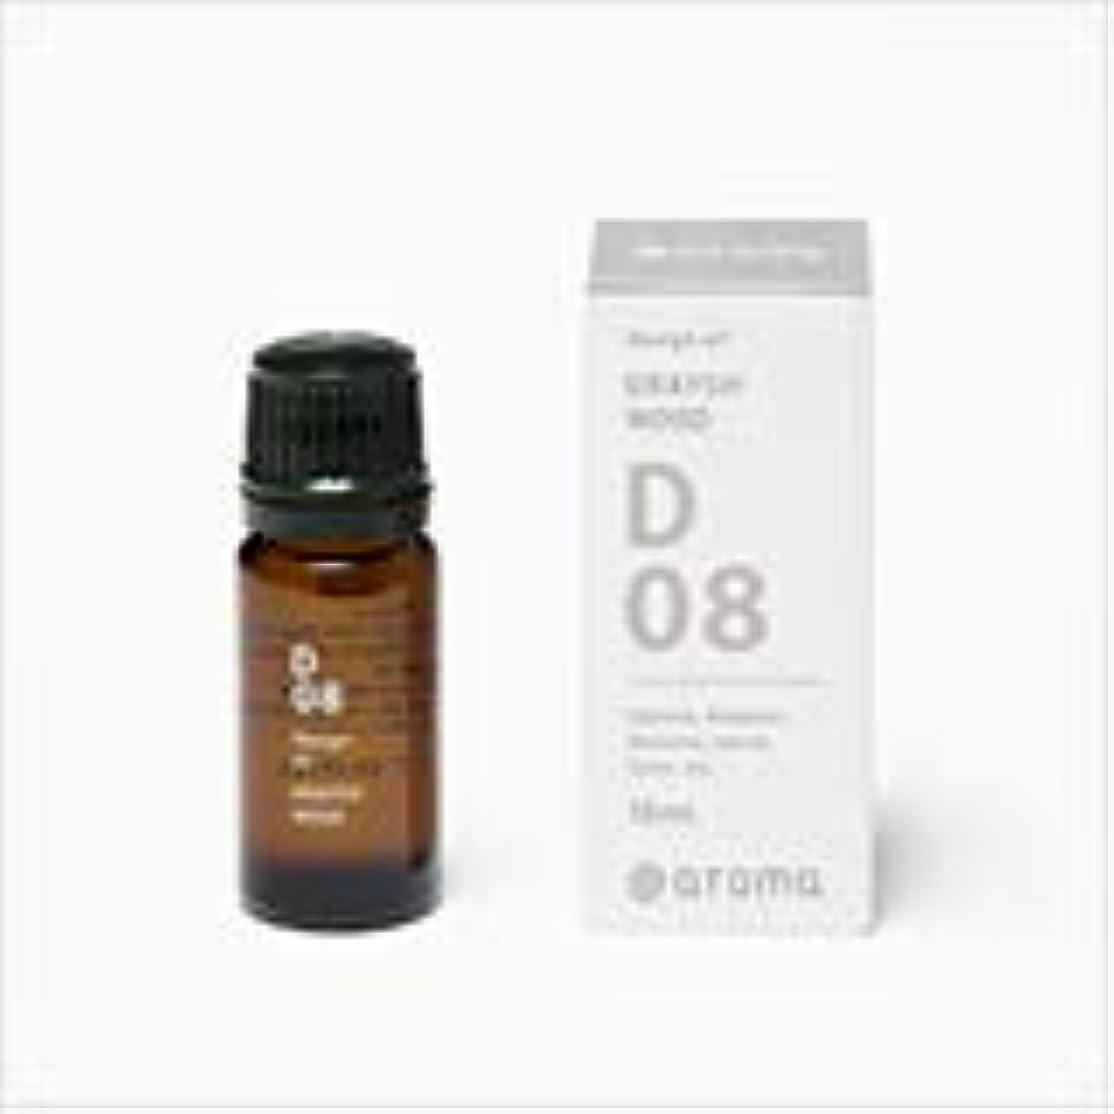 アットアロマ 100%pure essential oil <Design air グレイッシュウッド>